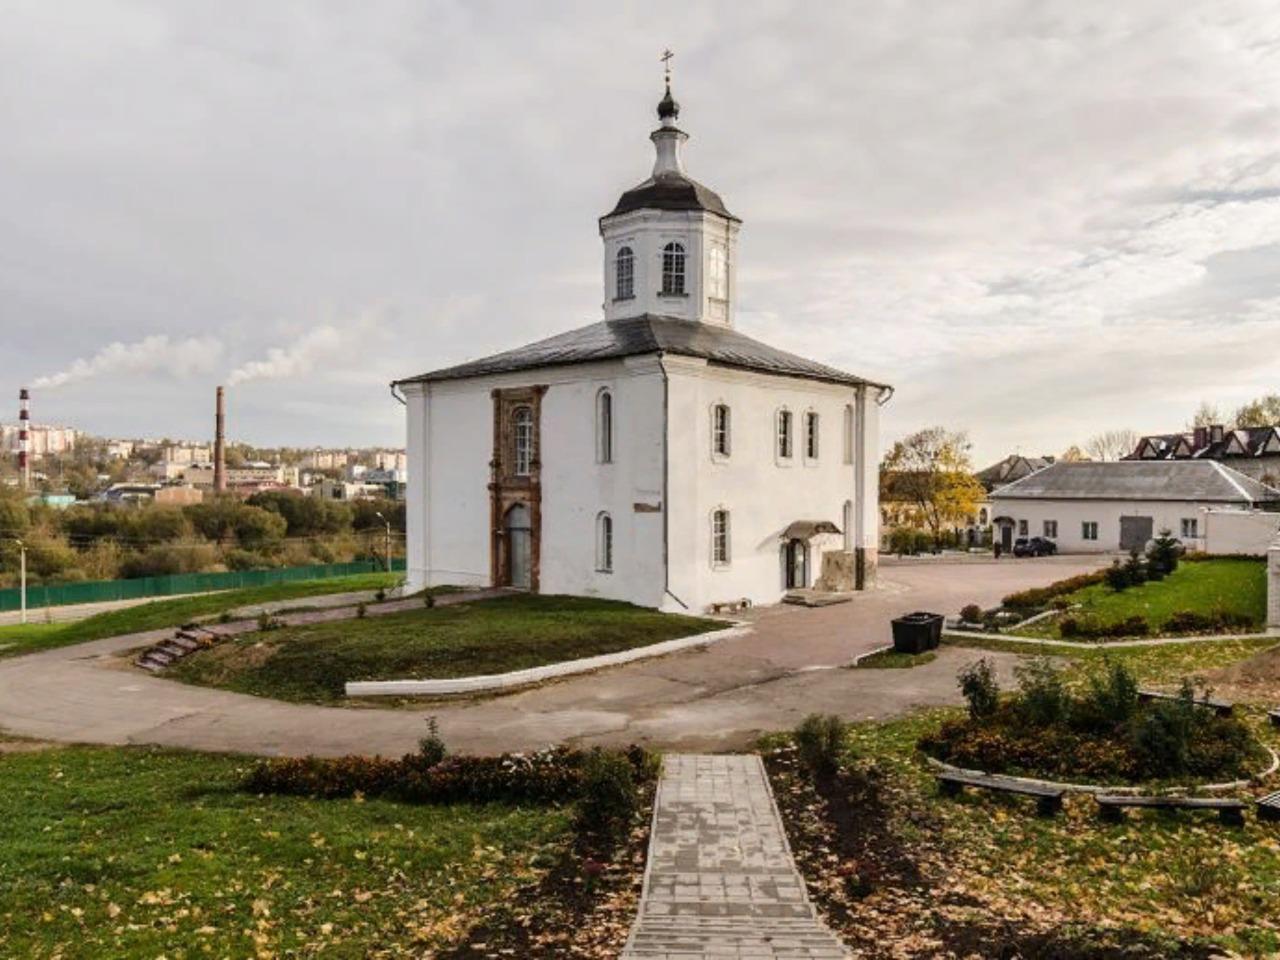 Путешествие в двенадцатый век - индивидуальная экскурсия по Смоленску от опытного гида